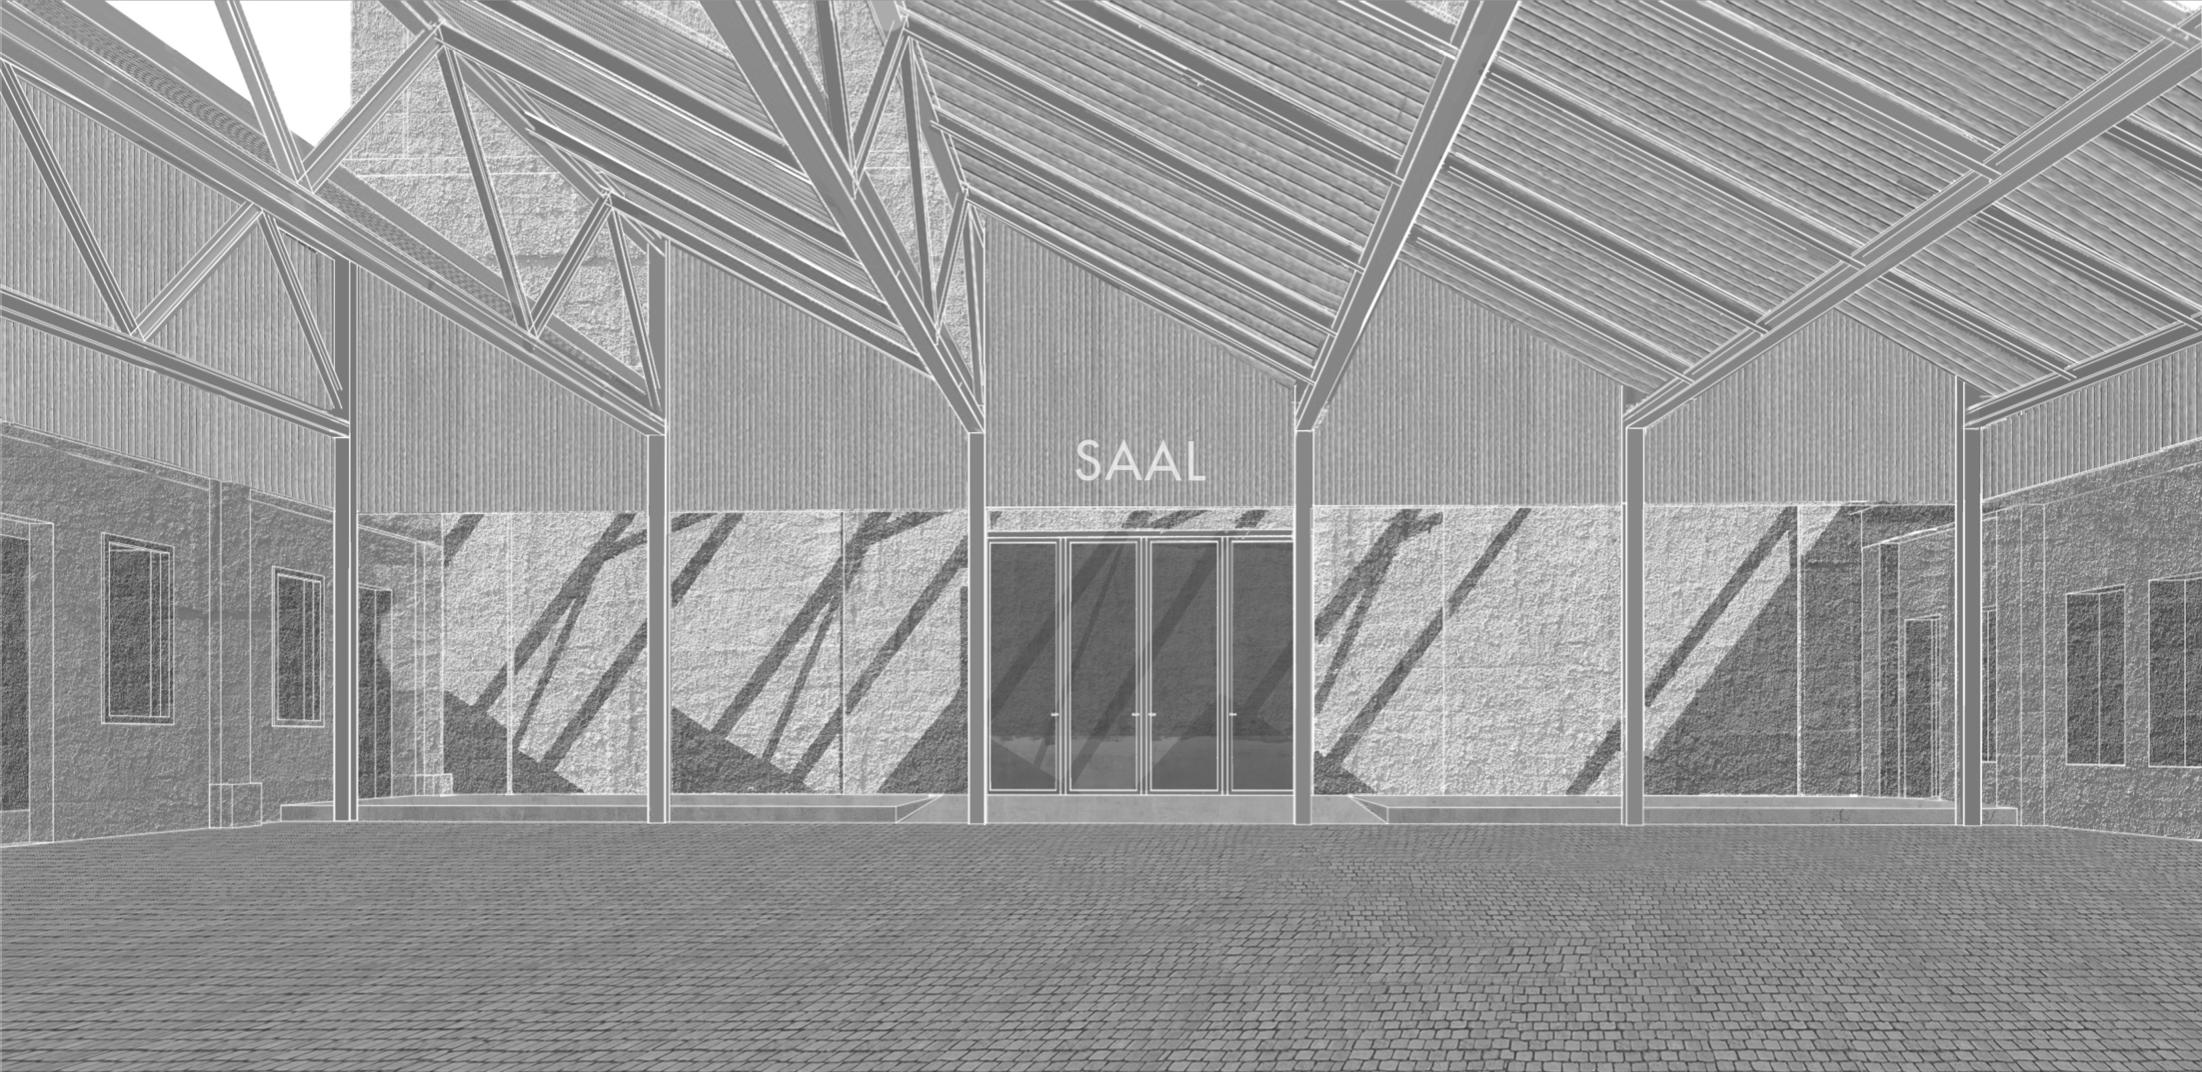 Rheinstahlhalle Innenraum Tanja Lincke Architekten